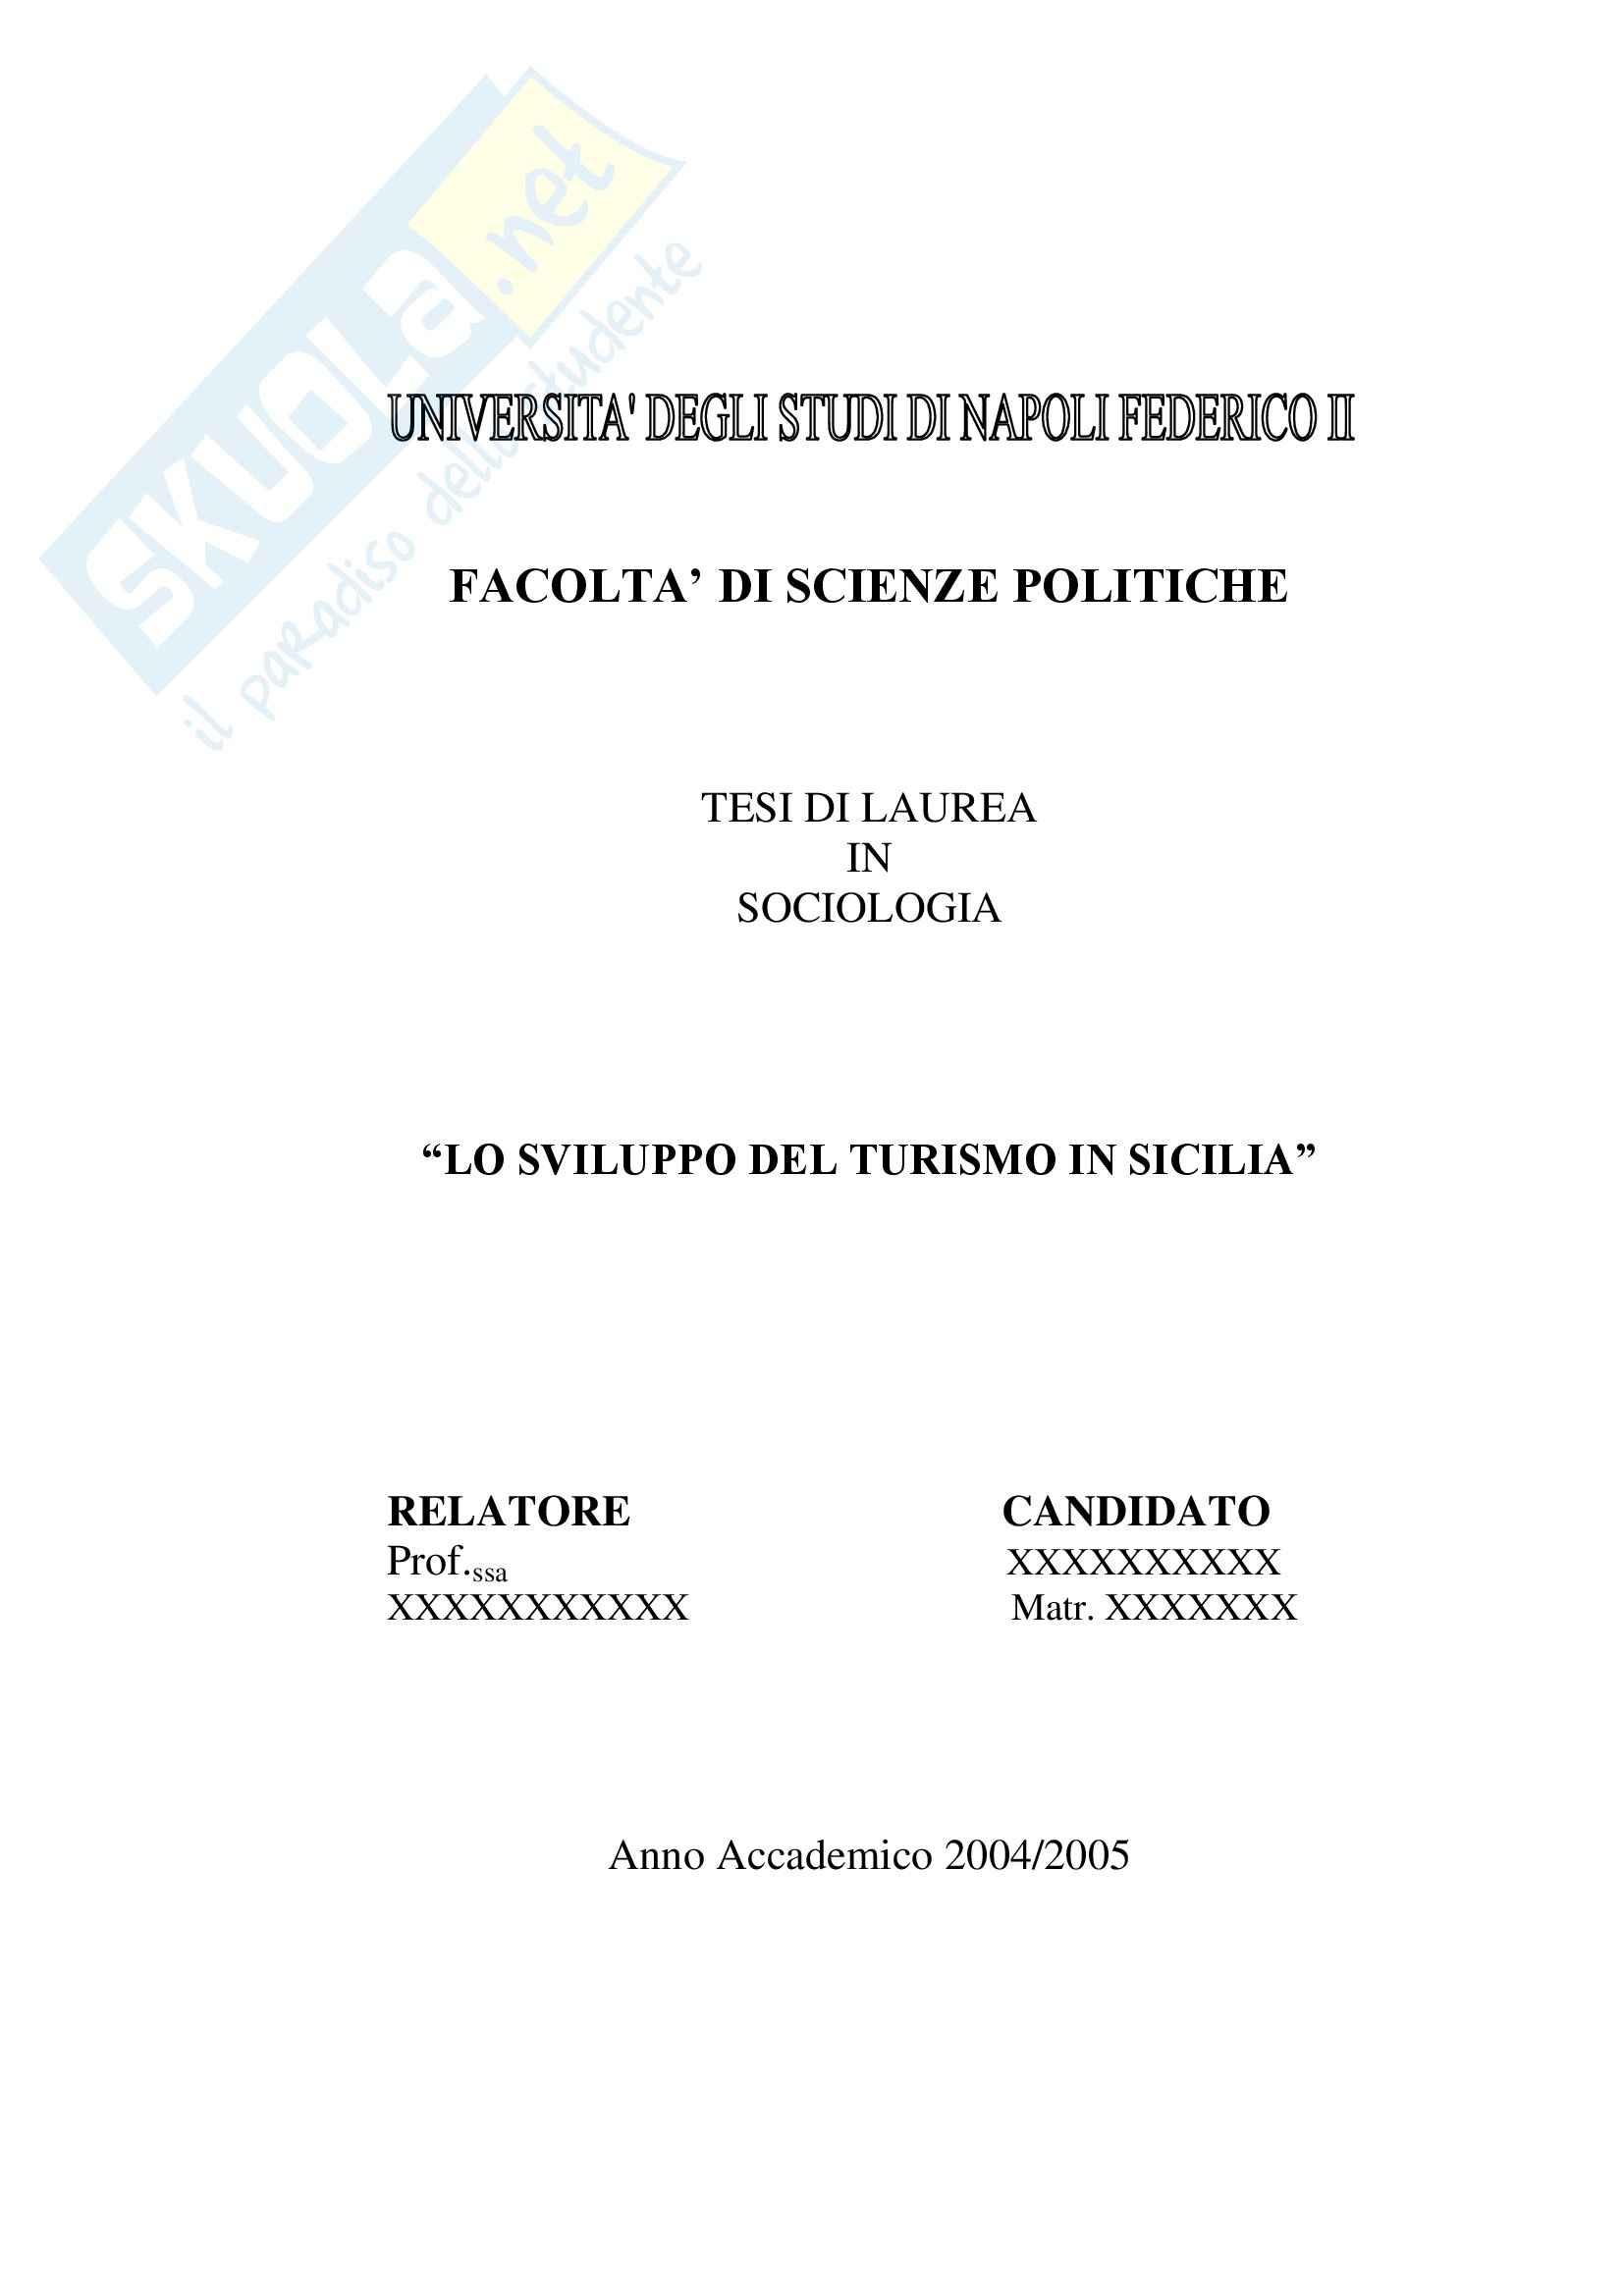 Tesi di laurea sociologia lo sviluppo del turismo in Sicilia